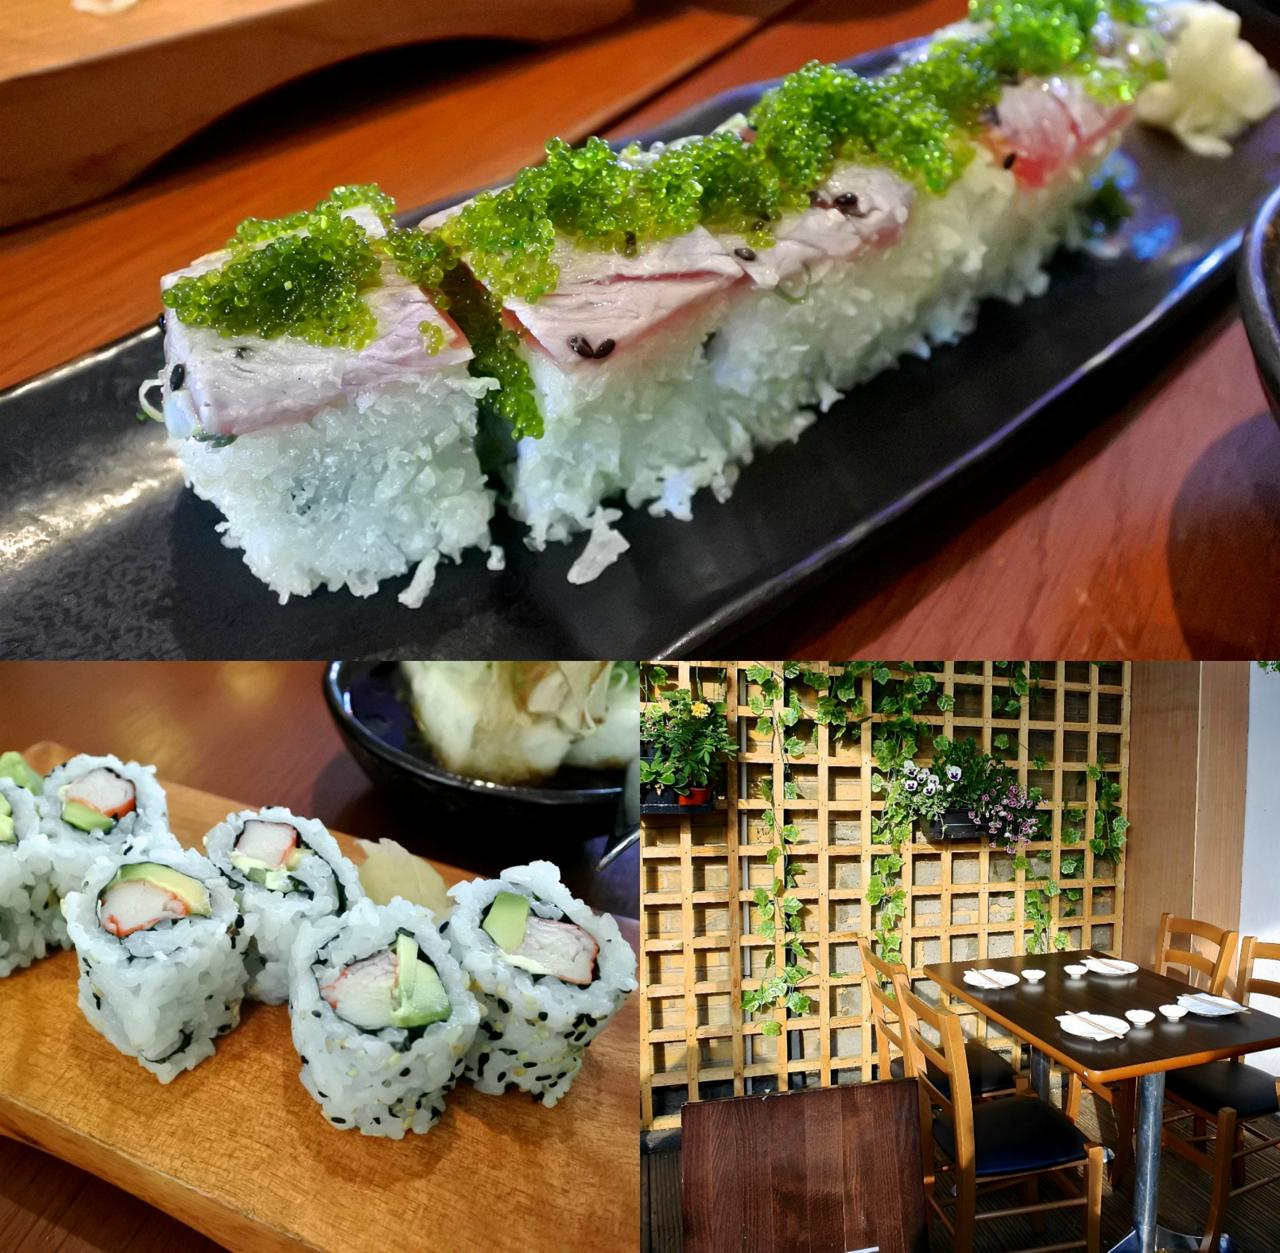 こういう変わり寿司って食べ応えがあり、テクスチャーの組み合わせも新鮮で好きです ^^